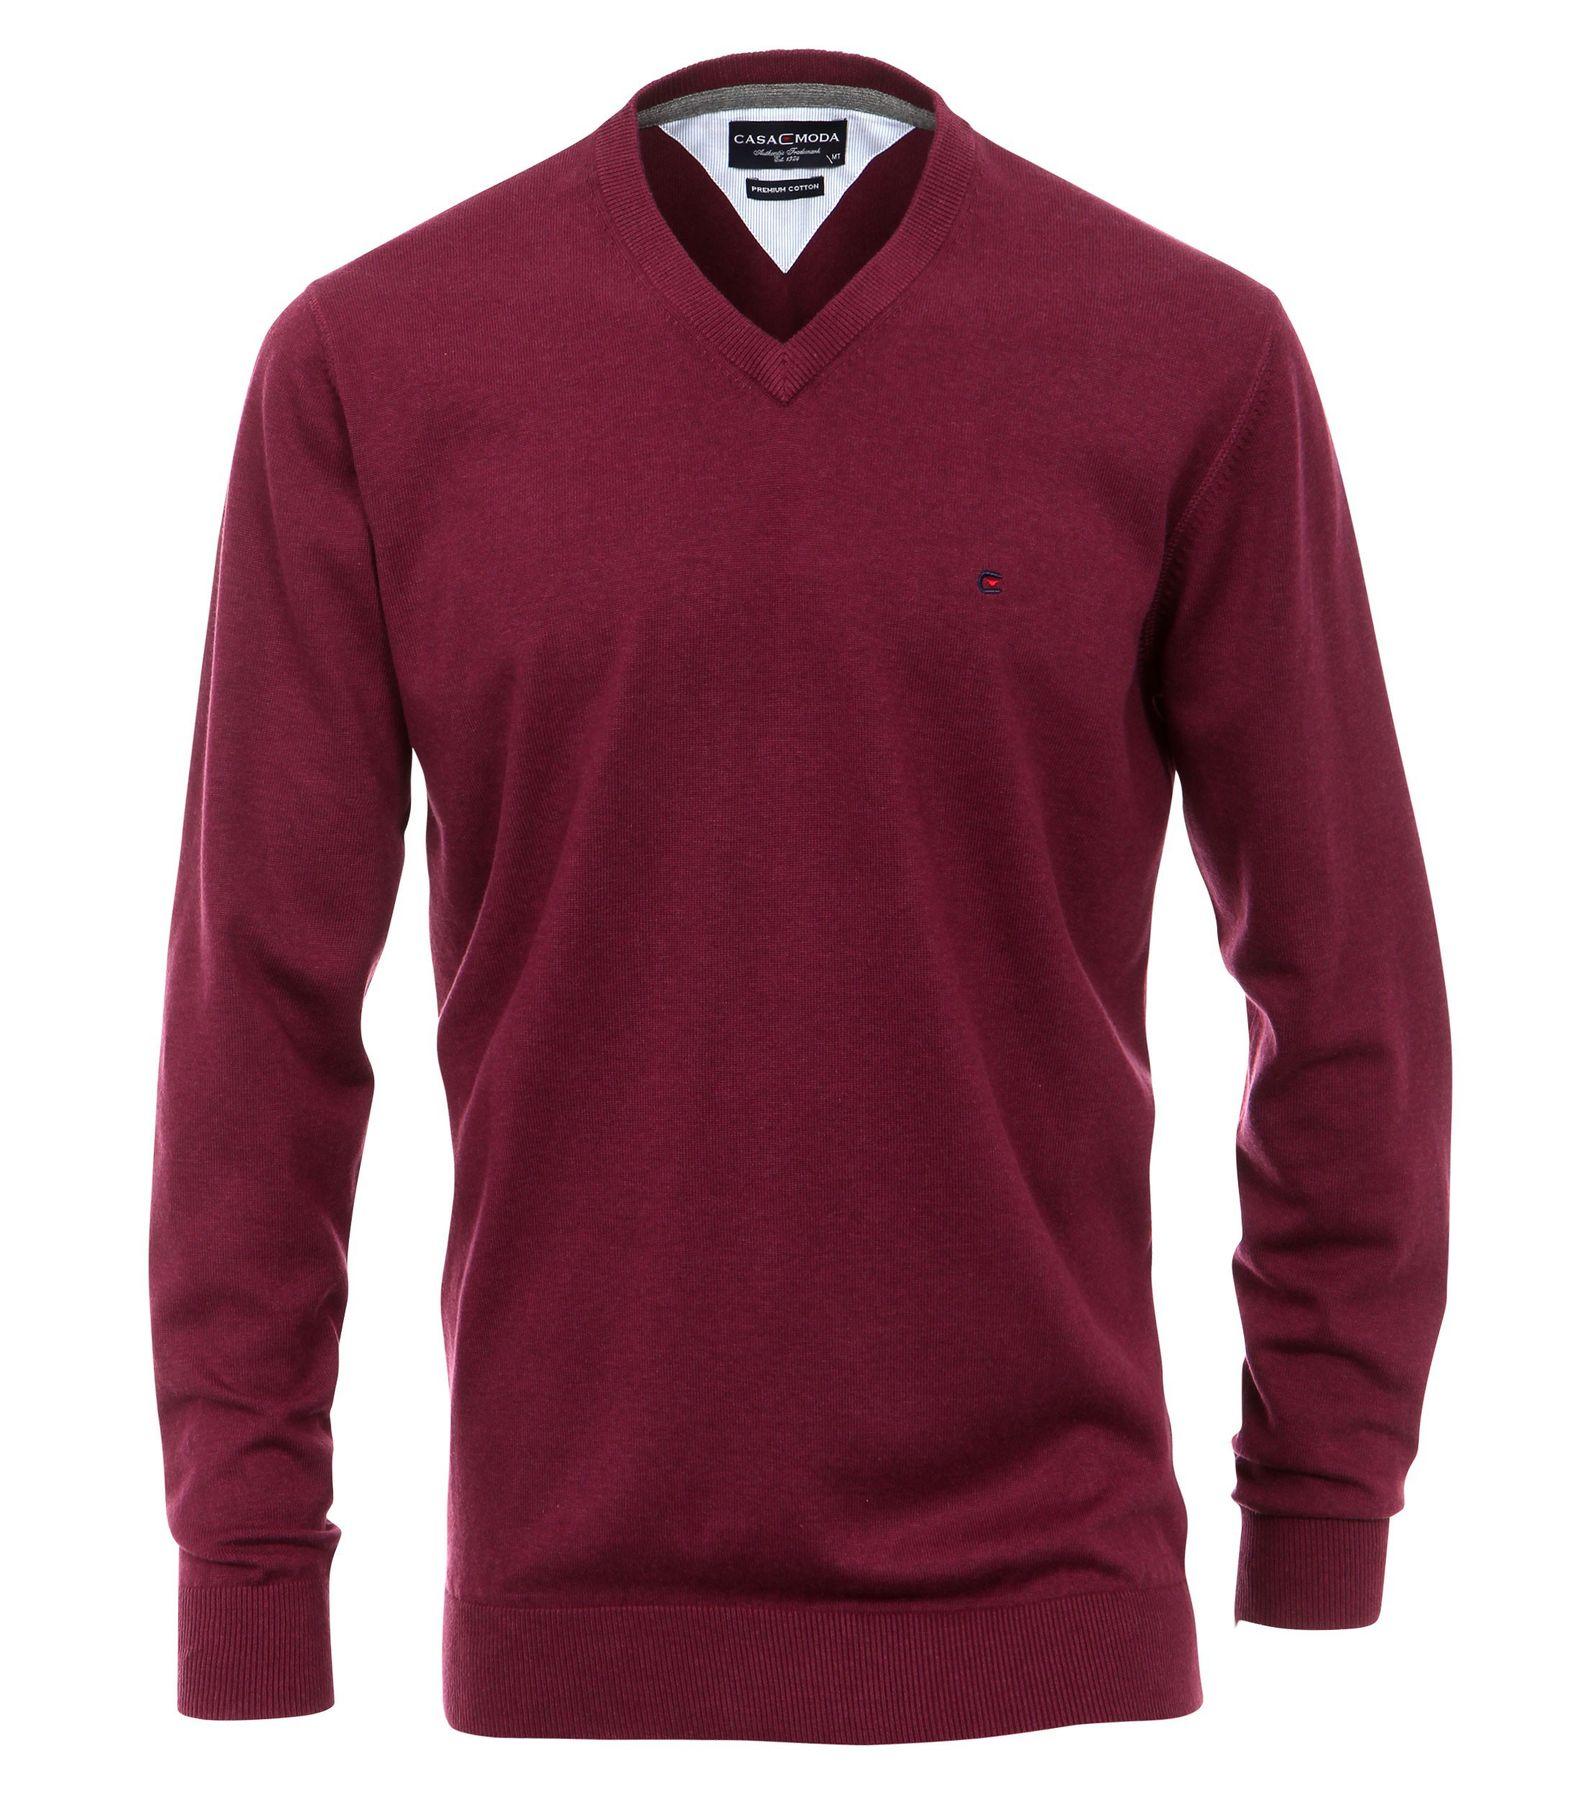 Casa Moda - Herren Pullover mit extra langem Arm (72 cm) und V-Ausschnitt in verschiedenen Farben (401300202) – Bild 3